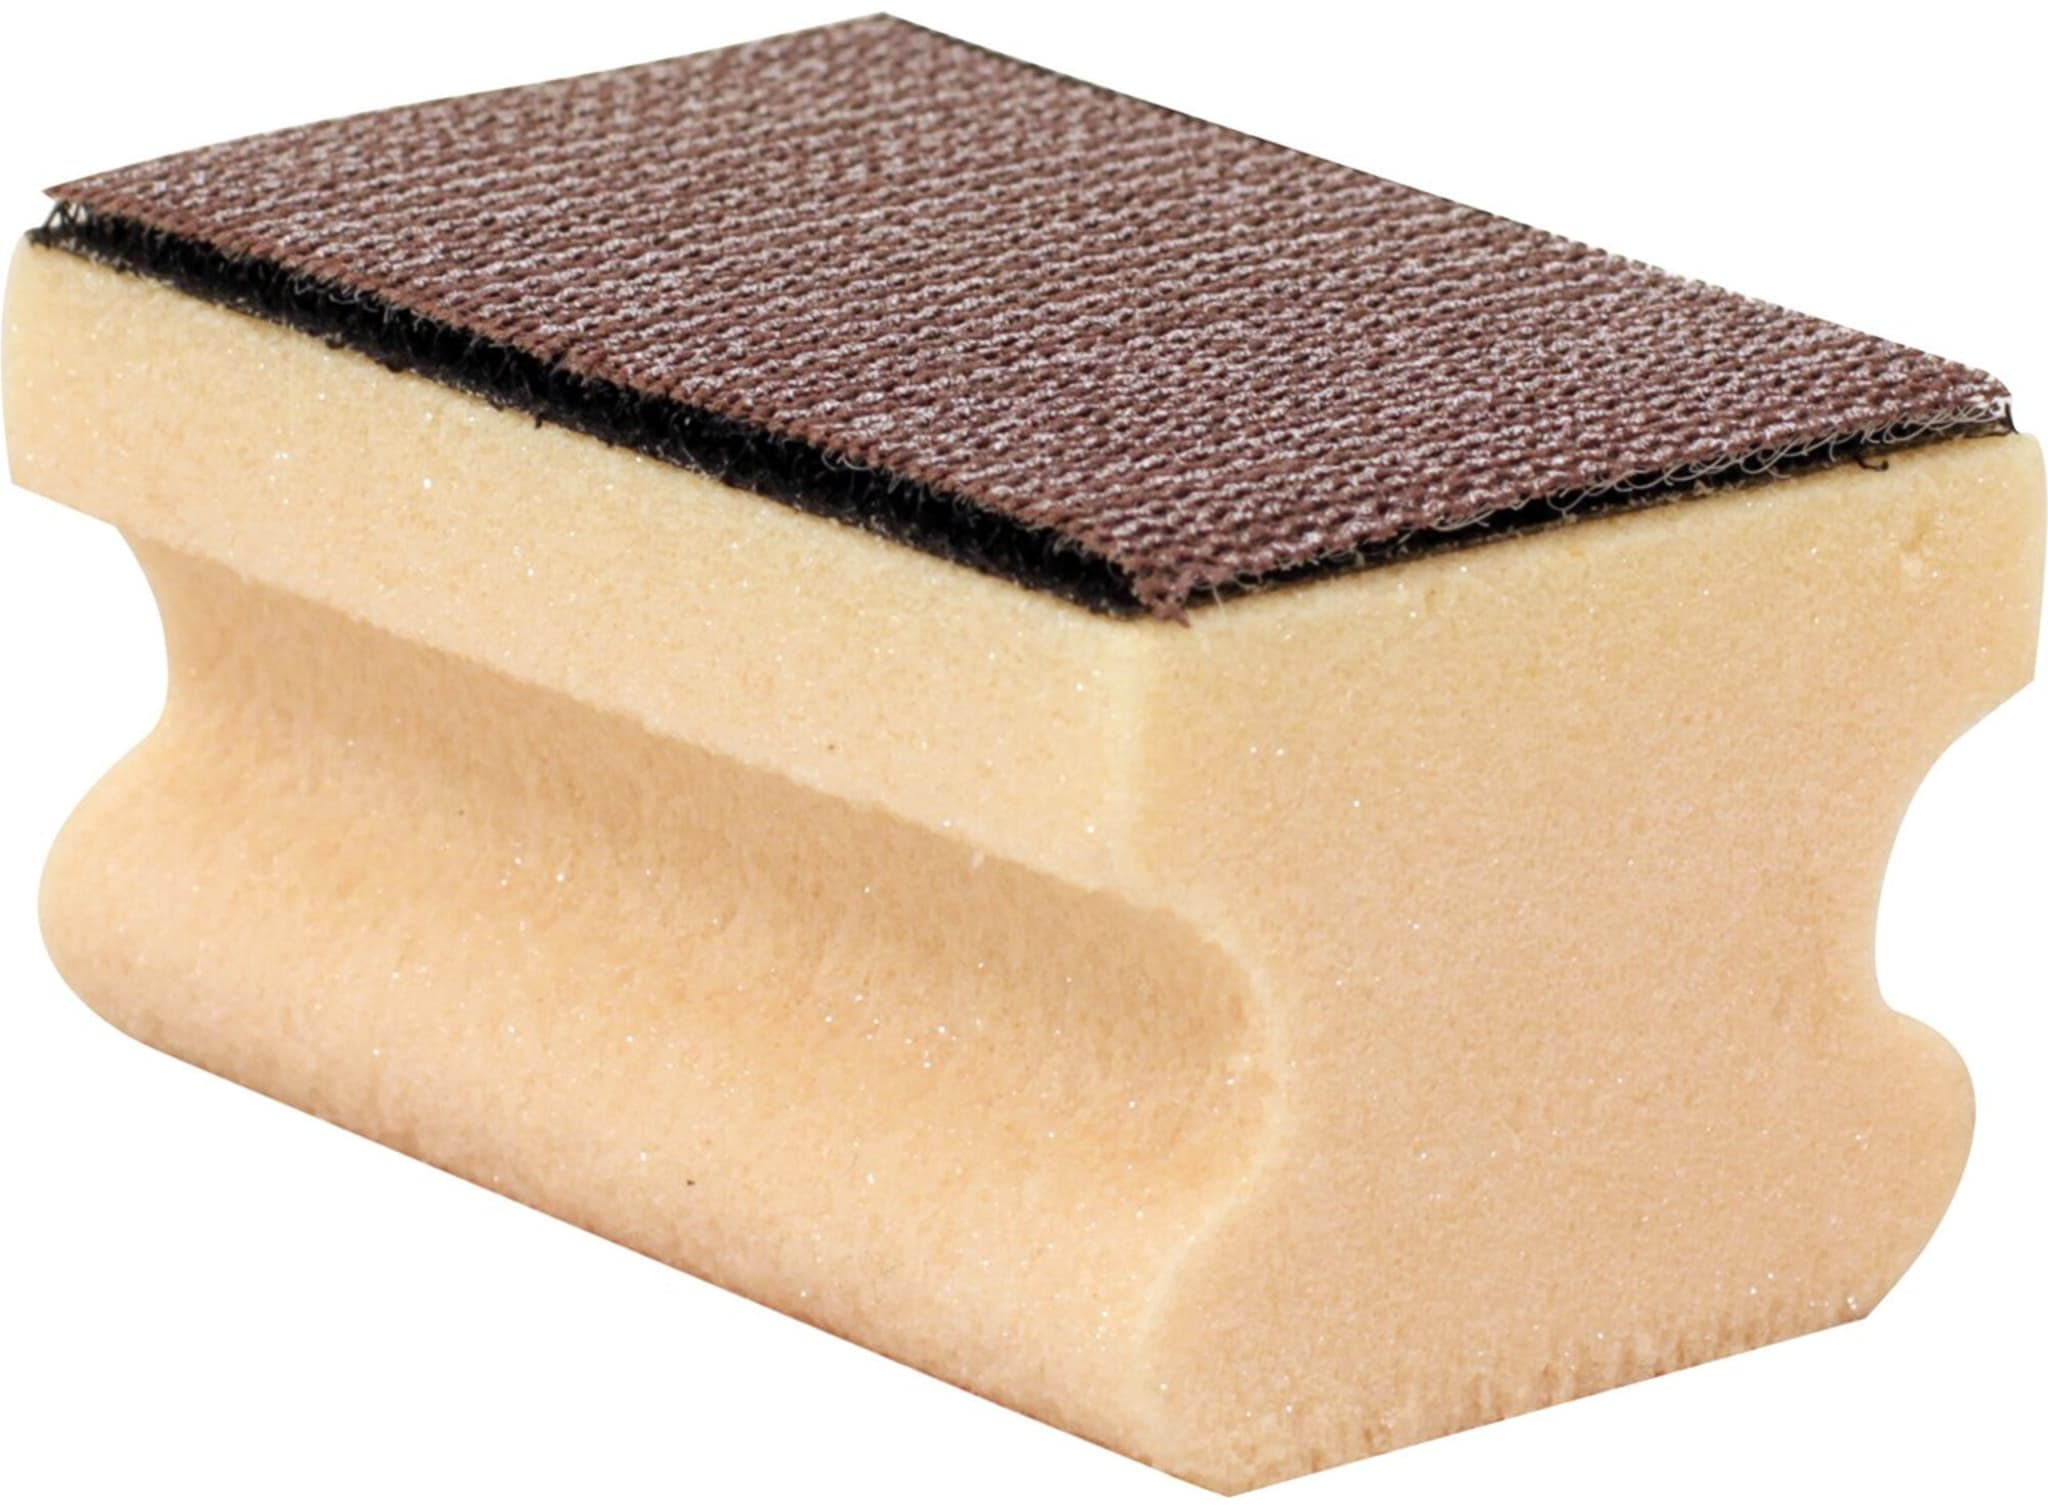 Kork med borrelås til sandpapir